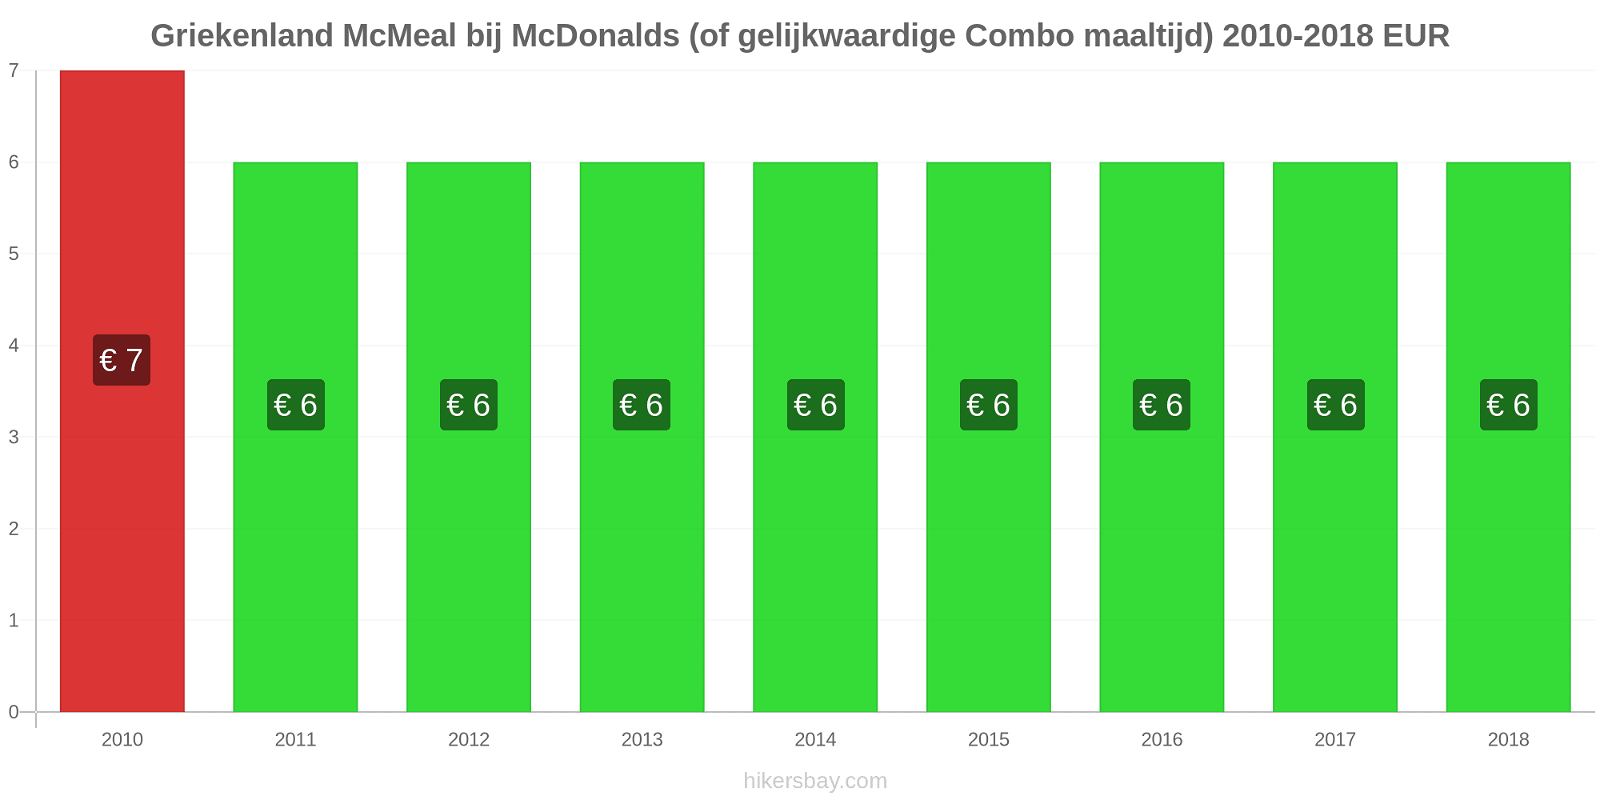 Griekenland prijswijzigingen McMeal bij McDonalds (of gelijkwaardige Combo maaltijd) hikersbay.com